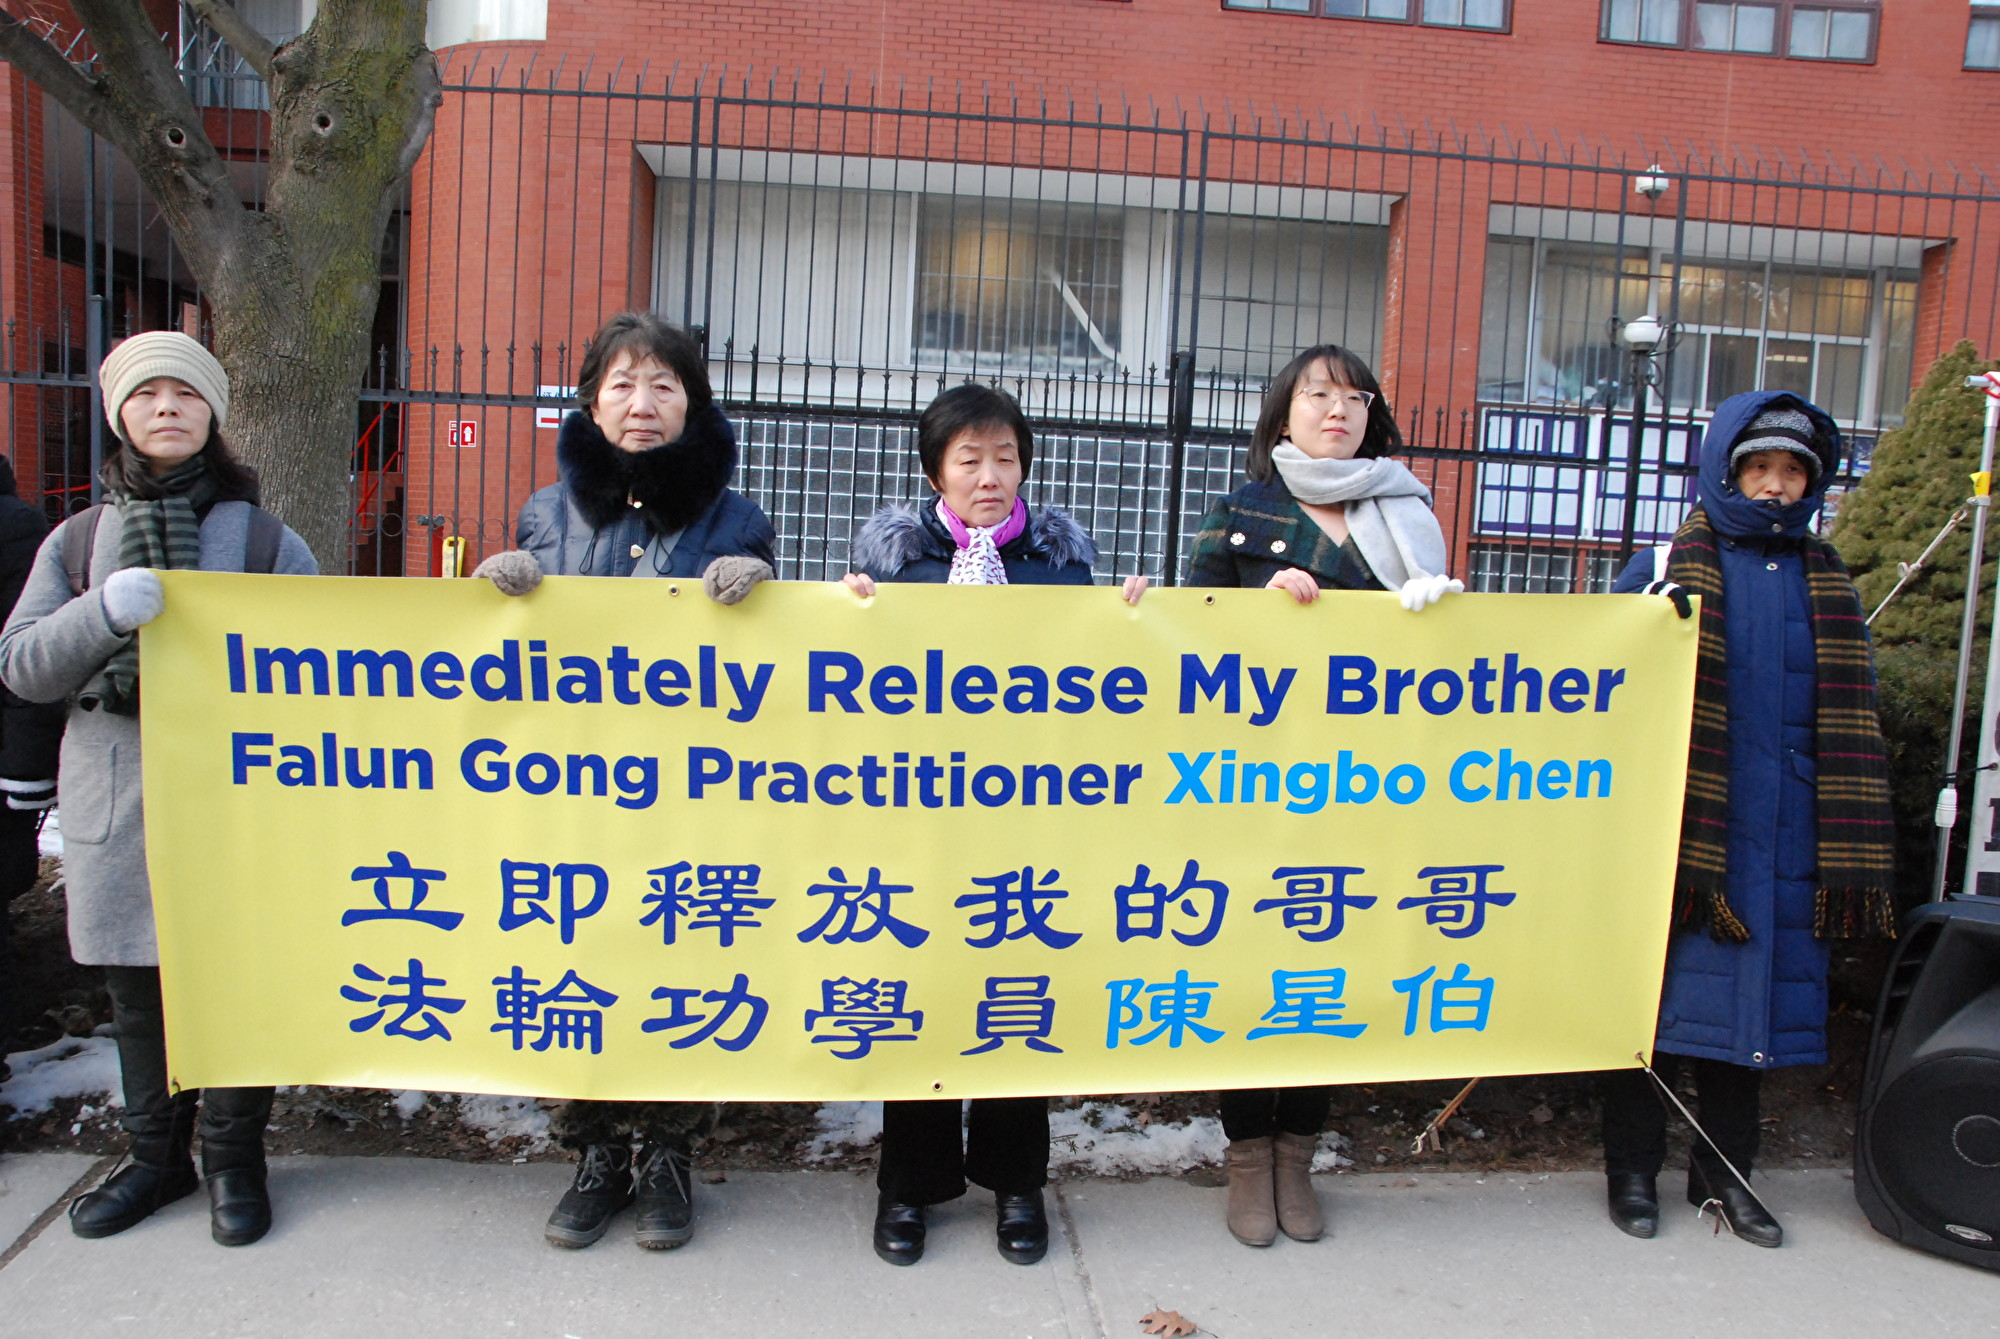 大陸前媒體人遭非法關押 妹妹加拿大呼籲營救